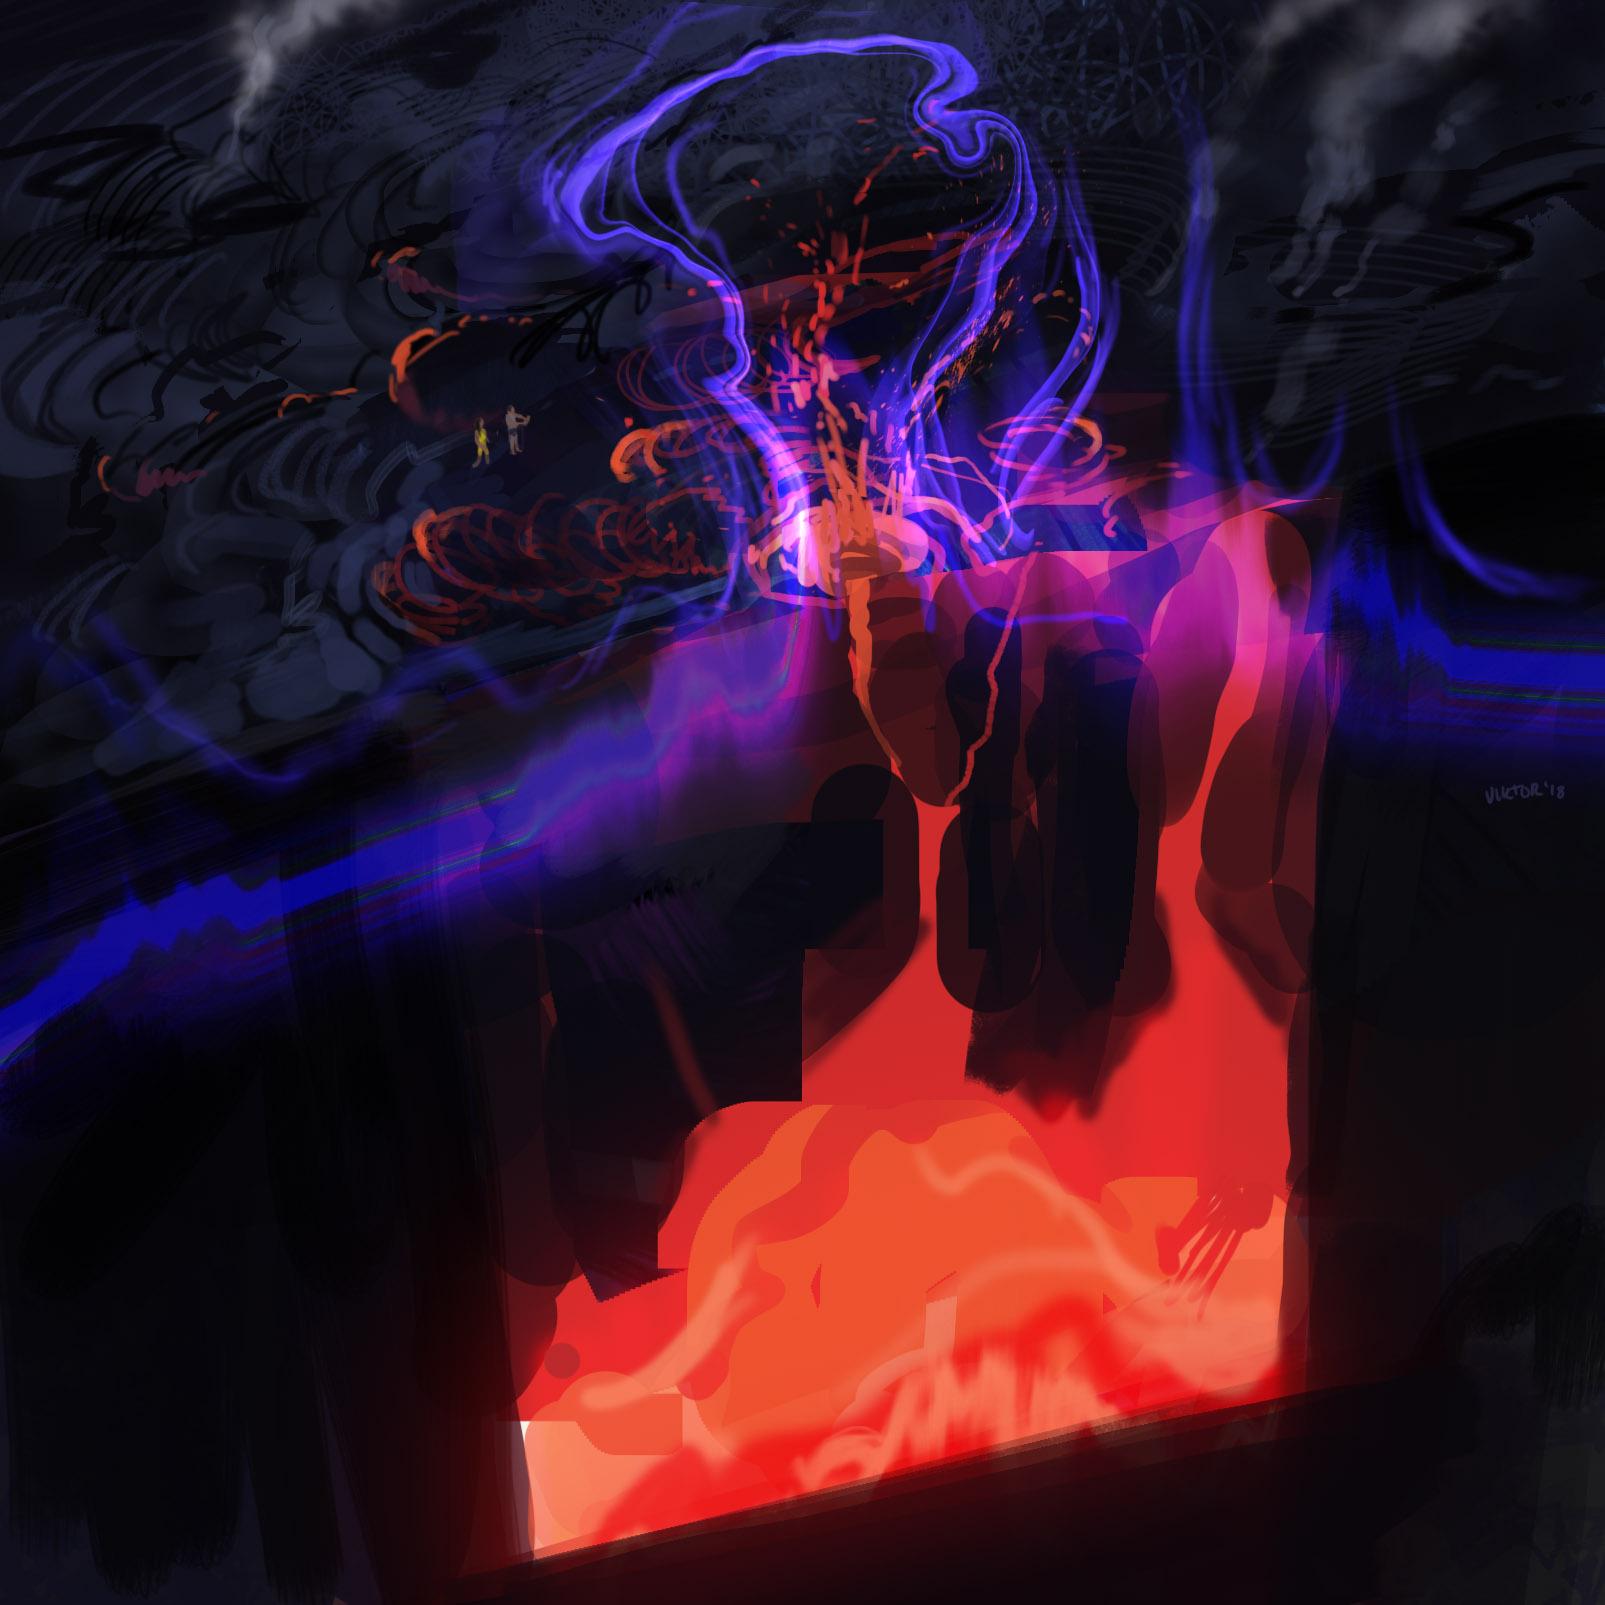 I_volcano_01-2018-7-8_23.25.jpg